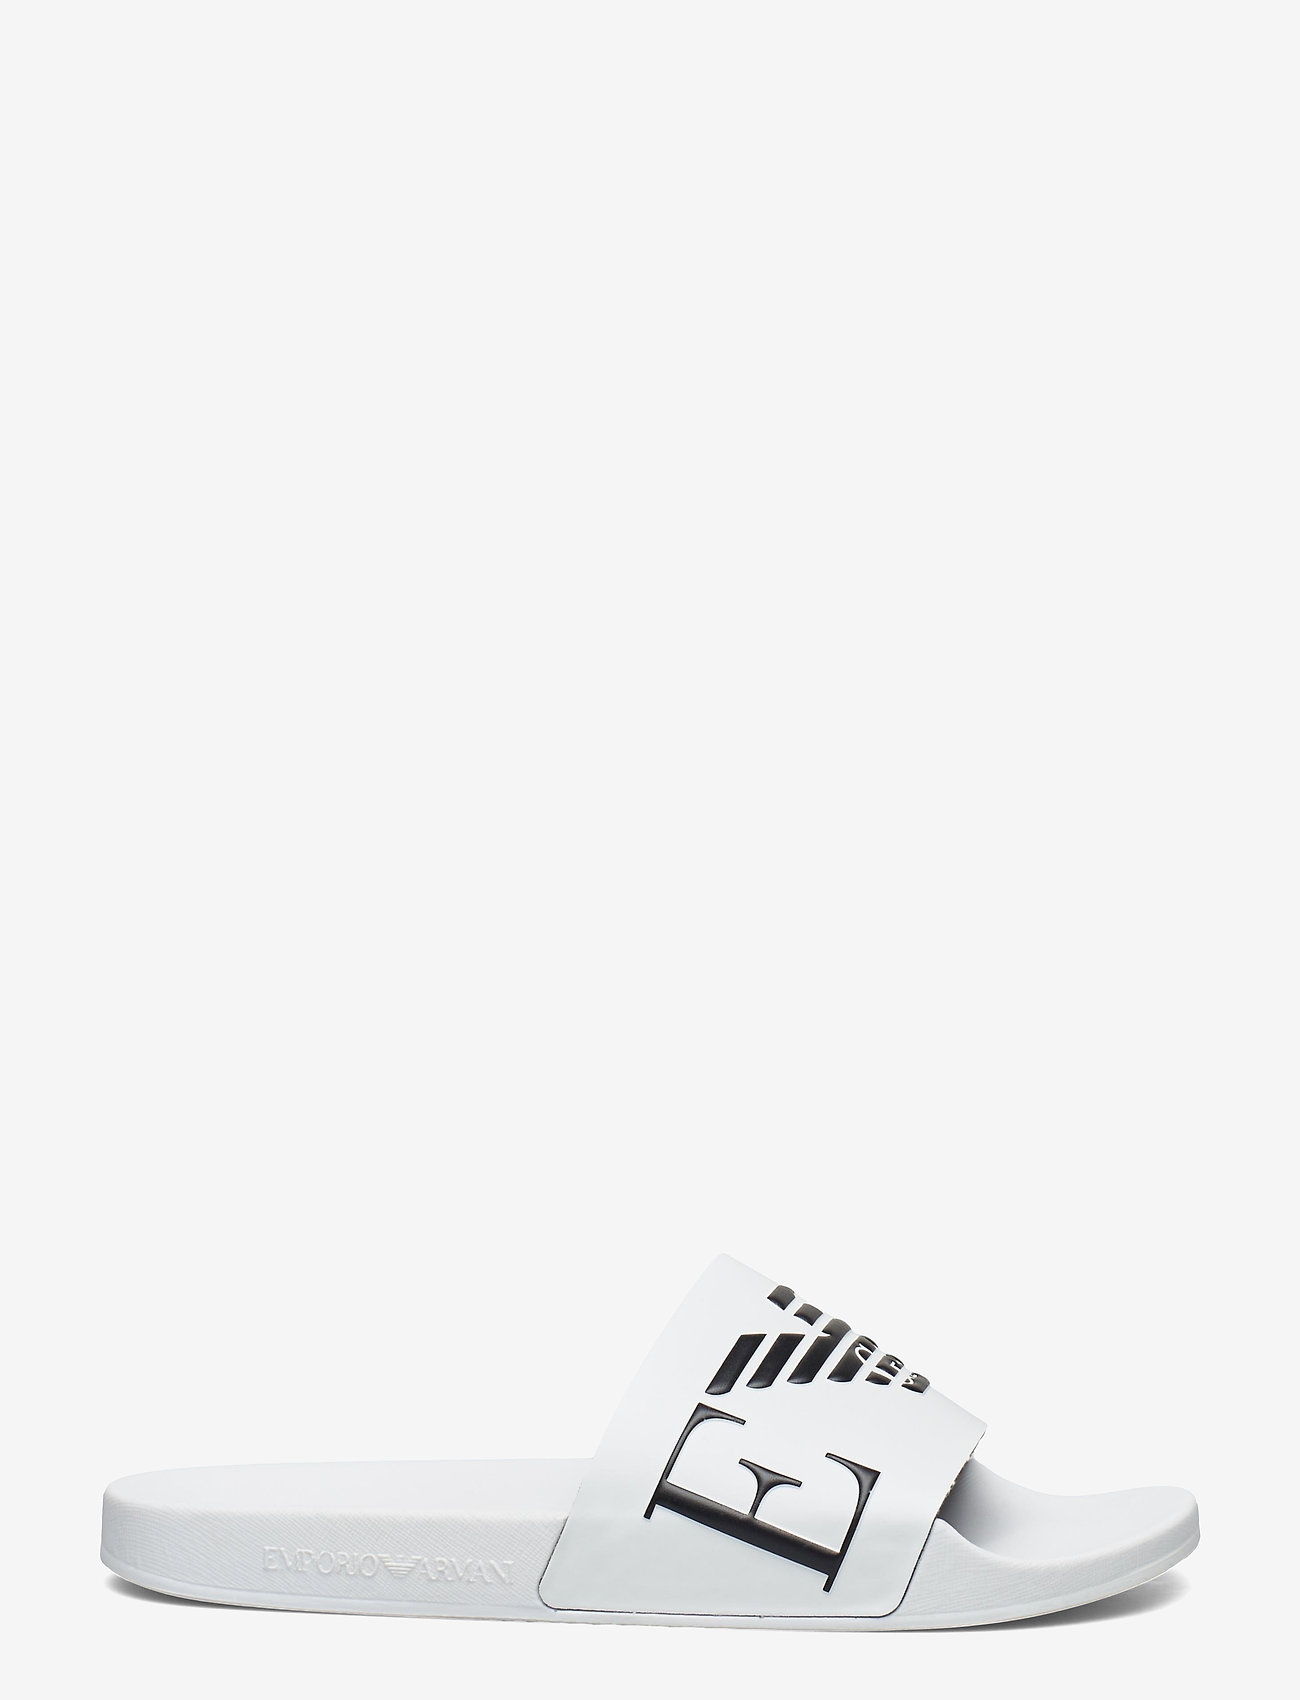 Emporio Armani - SLIPPER - pool sliders - white+black+white - 1